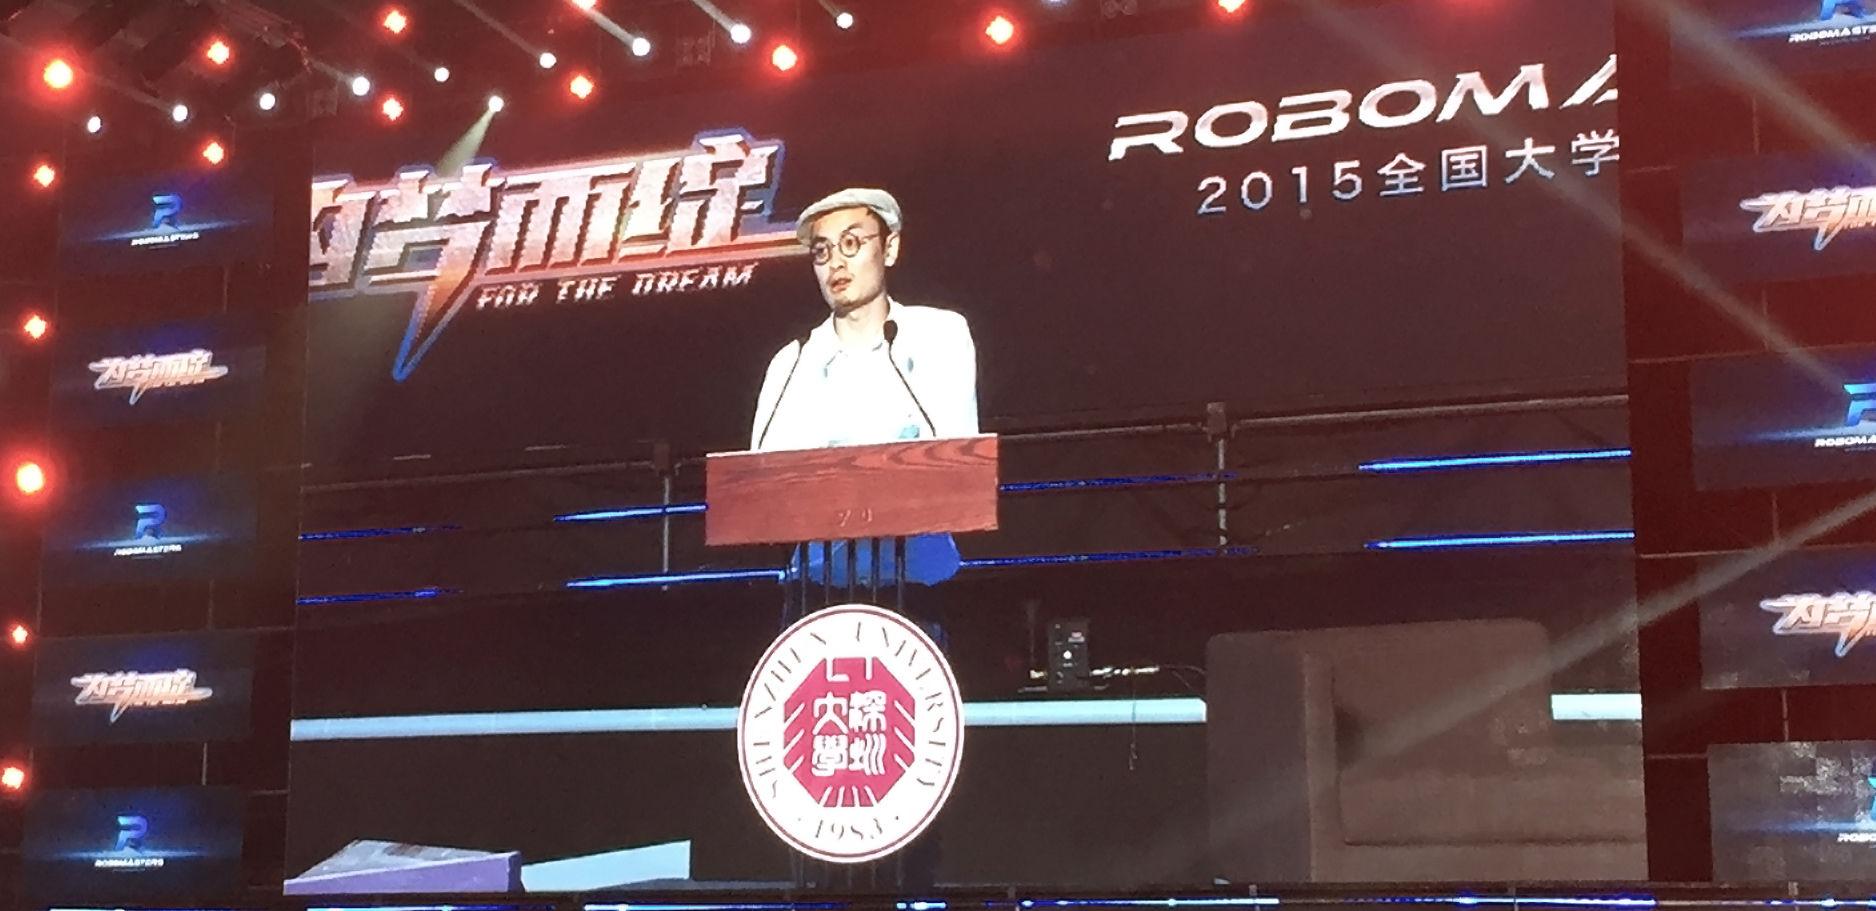 极少公开演讲的大疆创始人为何在大学生机器人大赛露面?